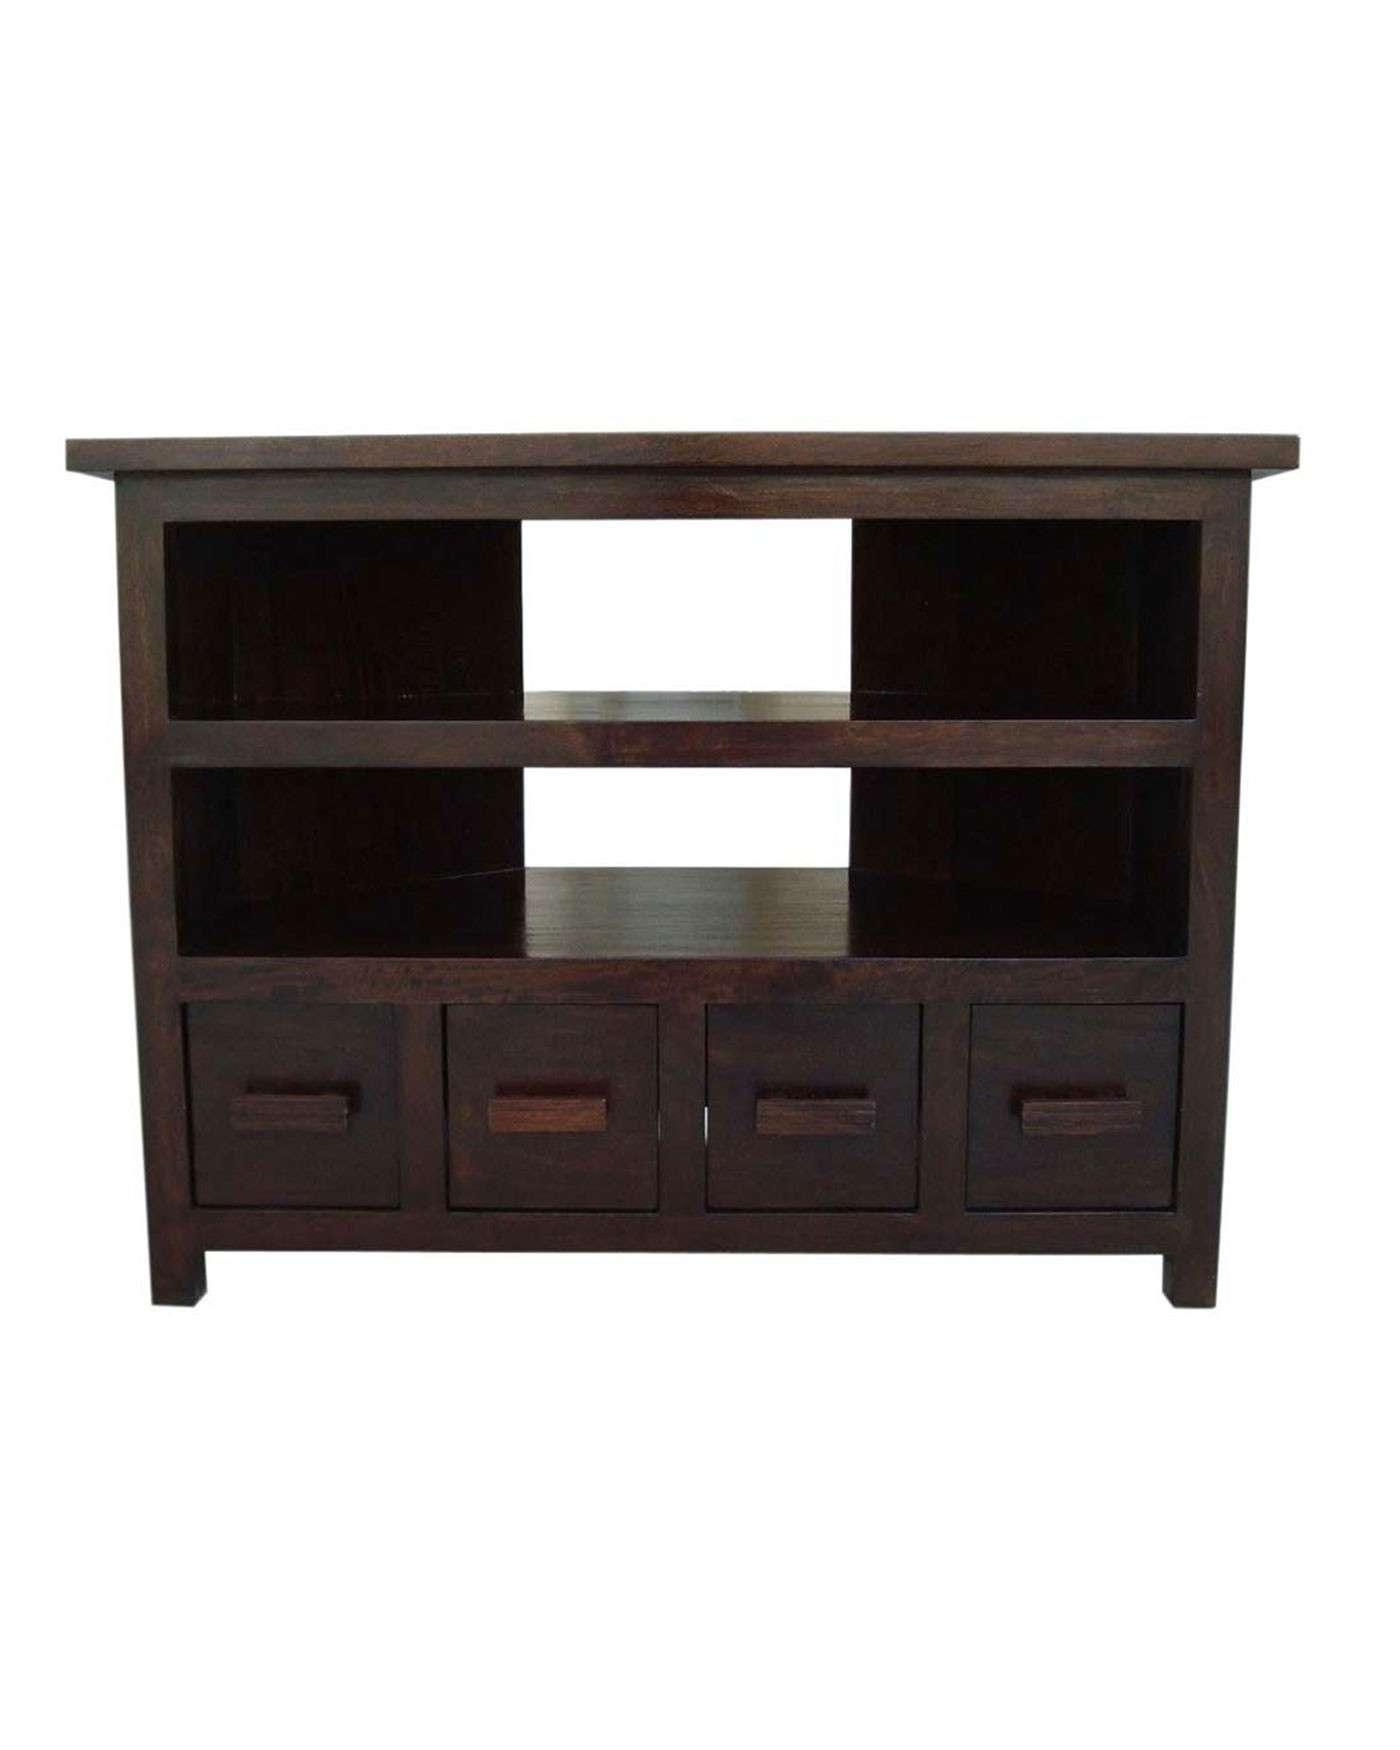 Wooden Tv Stands | Dark Wood Corner Tv Unit | Wooden Tv Cabinet Pertaining To Dark Wood Tv Cabinets (View 20 of 20)